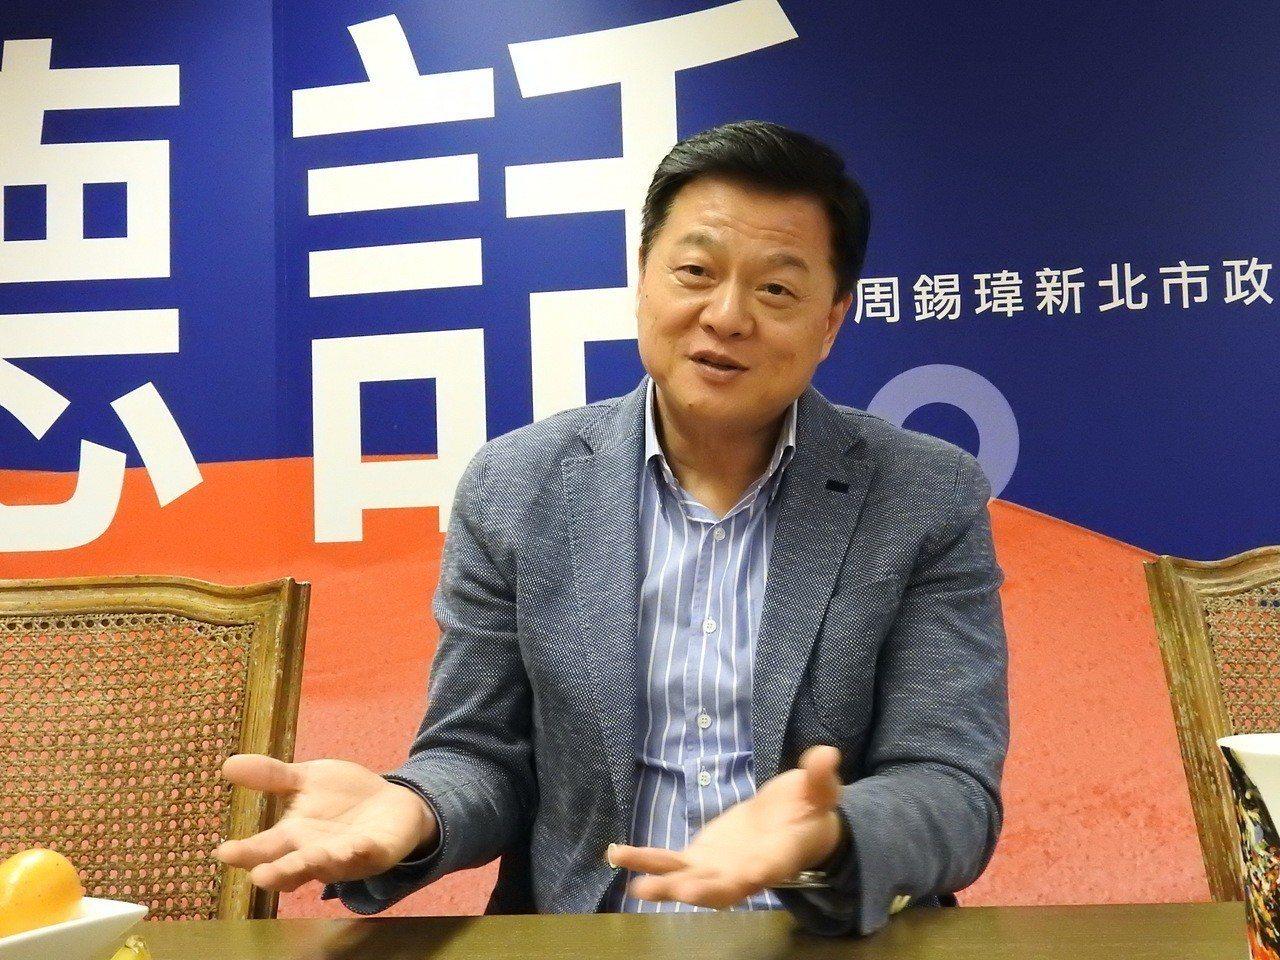 總統府秘書長陳菊昨參加政論節目時指新北市機車約218萬輛全台最多,汙染程度超過深...